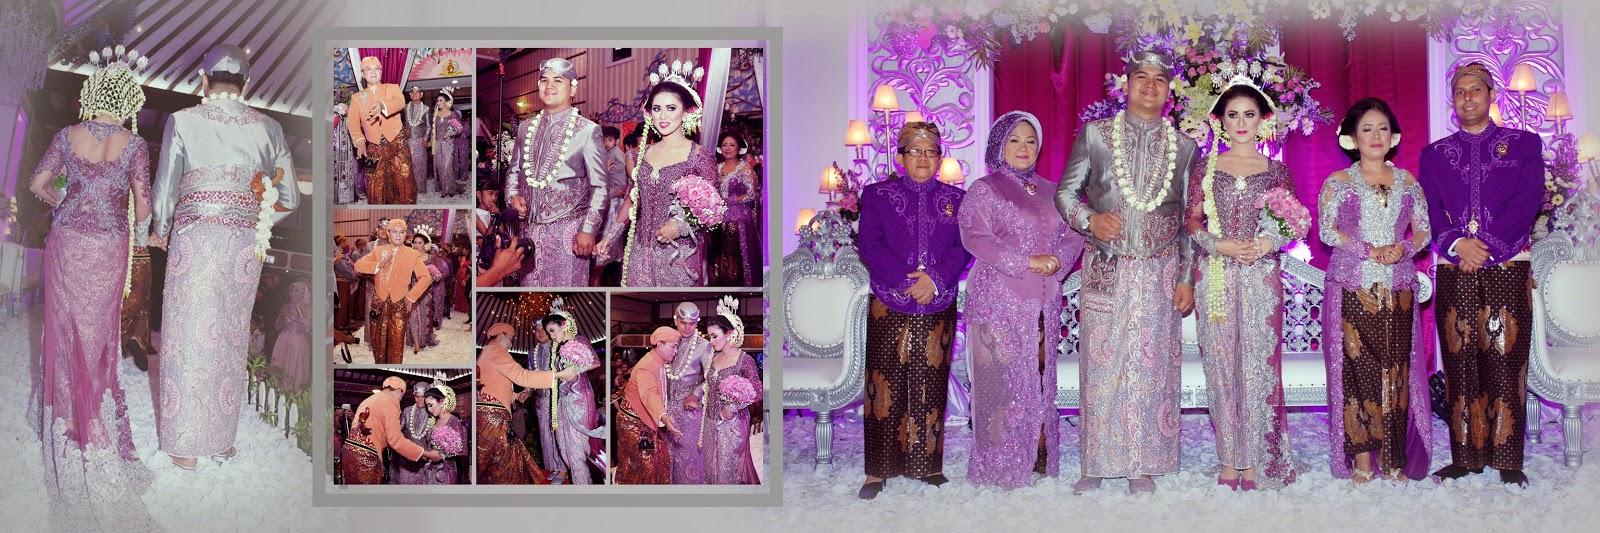 PAKET FOTO VIDEO SHOOTING ALBUM KOLASE MURAH JAKARTA